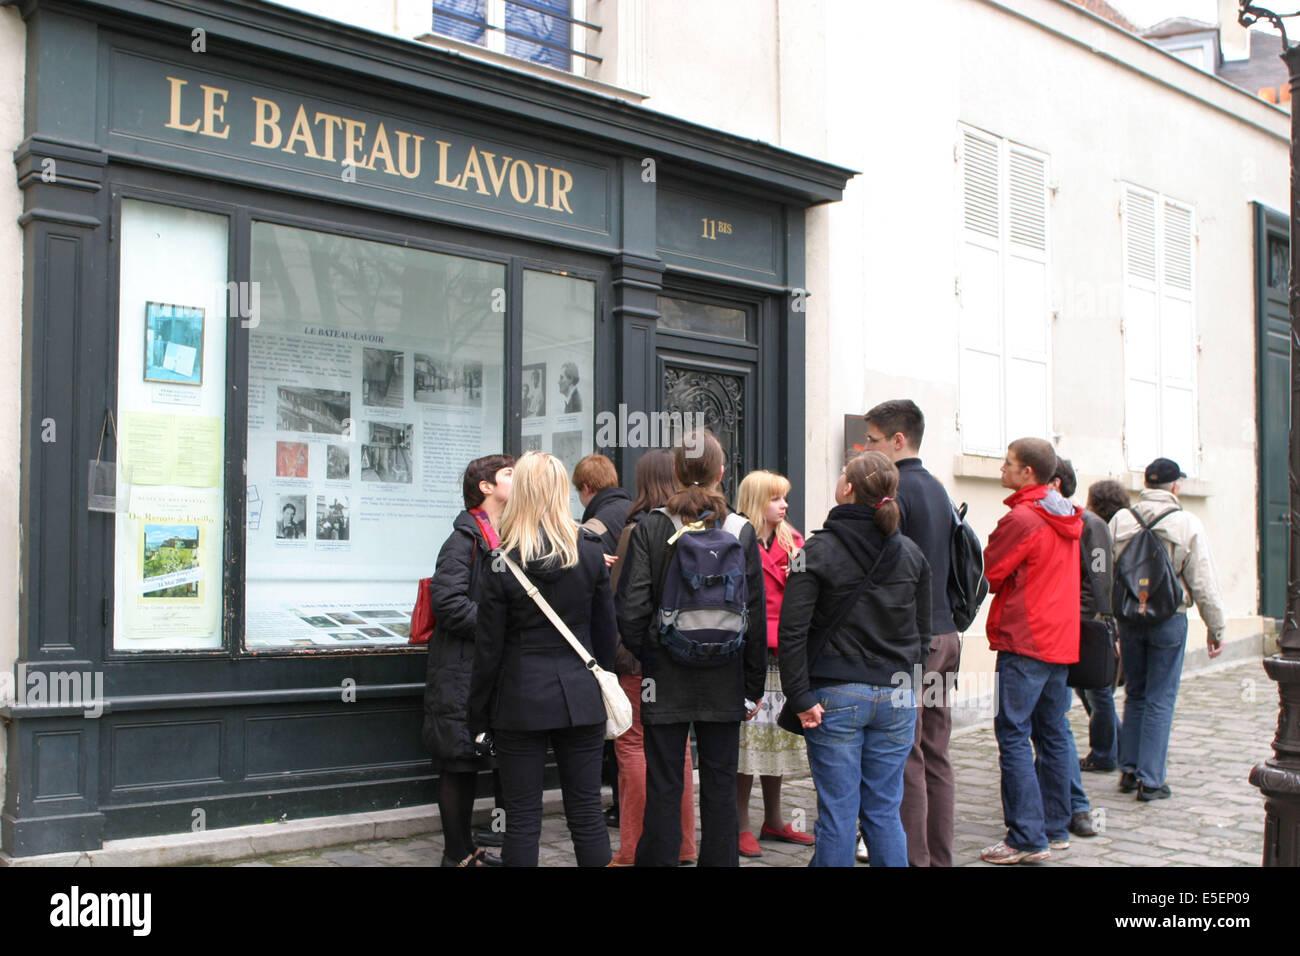 France, Paris 18e, butte montmartre, le bateau lavoir, place emile goudeau, groupe de touristes, artistes, - Stock Image